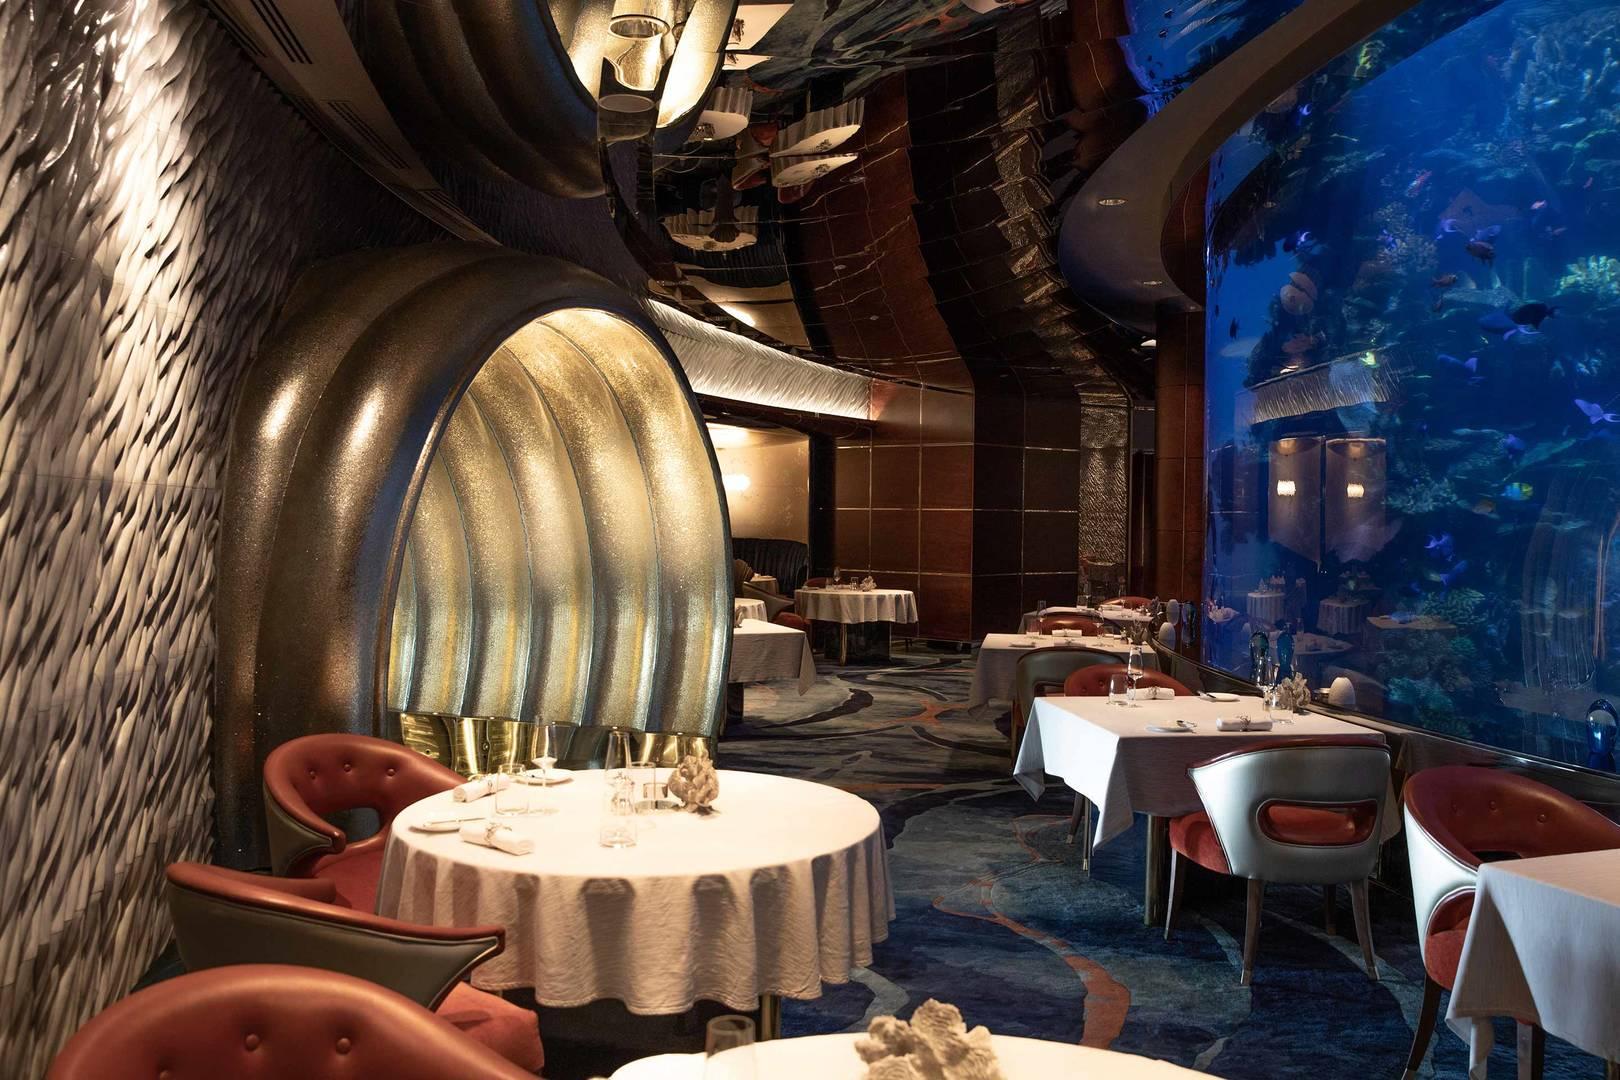 Jumeirah Burj Al Arab Mahara interior dining area